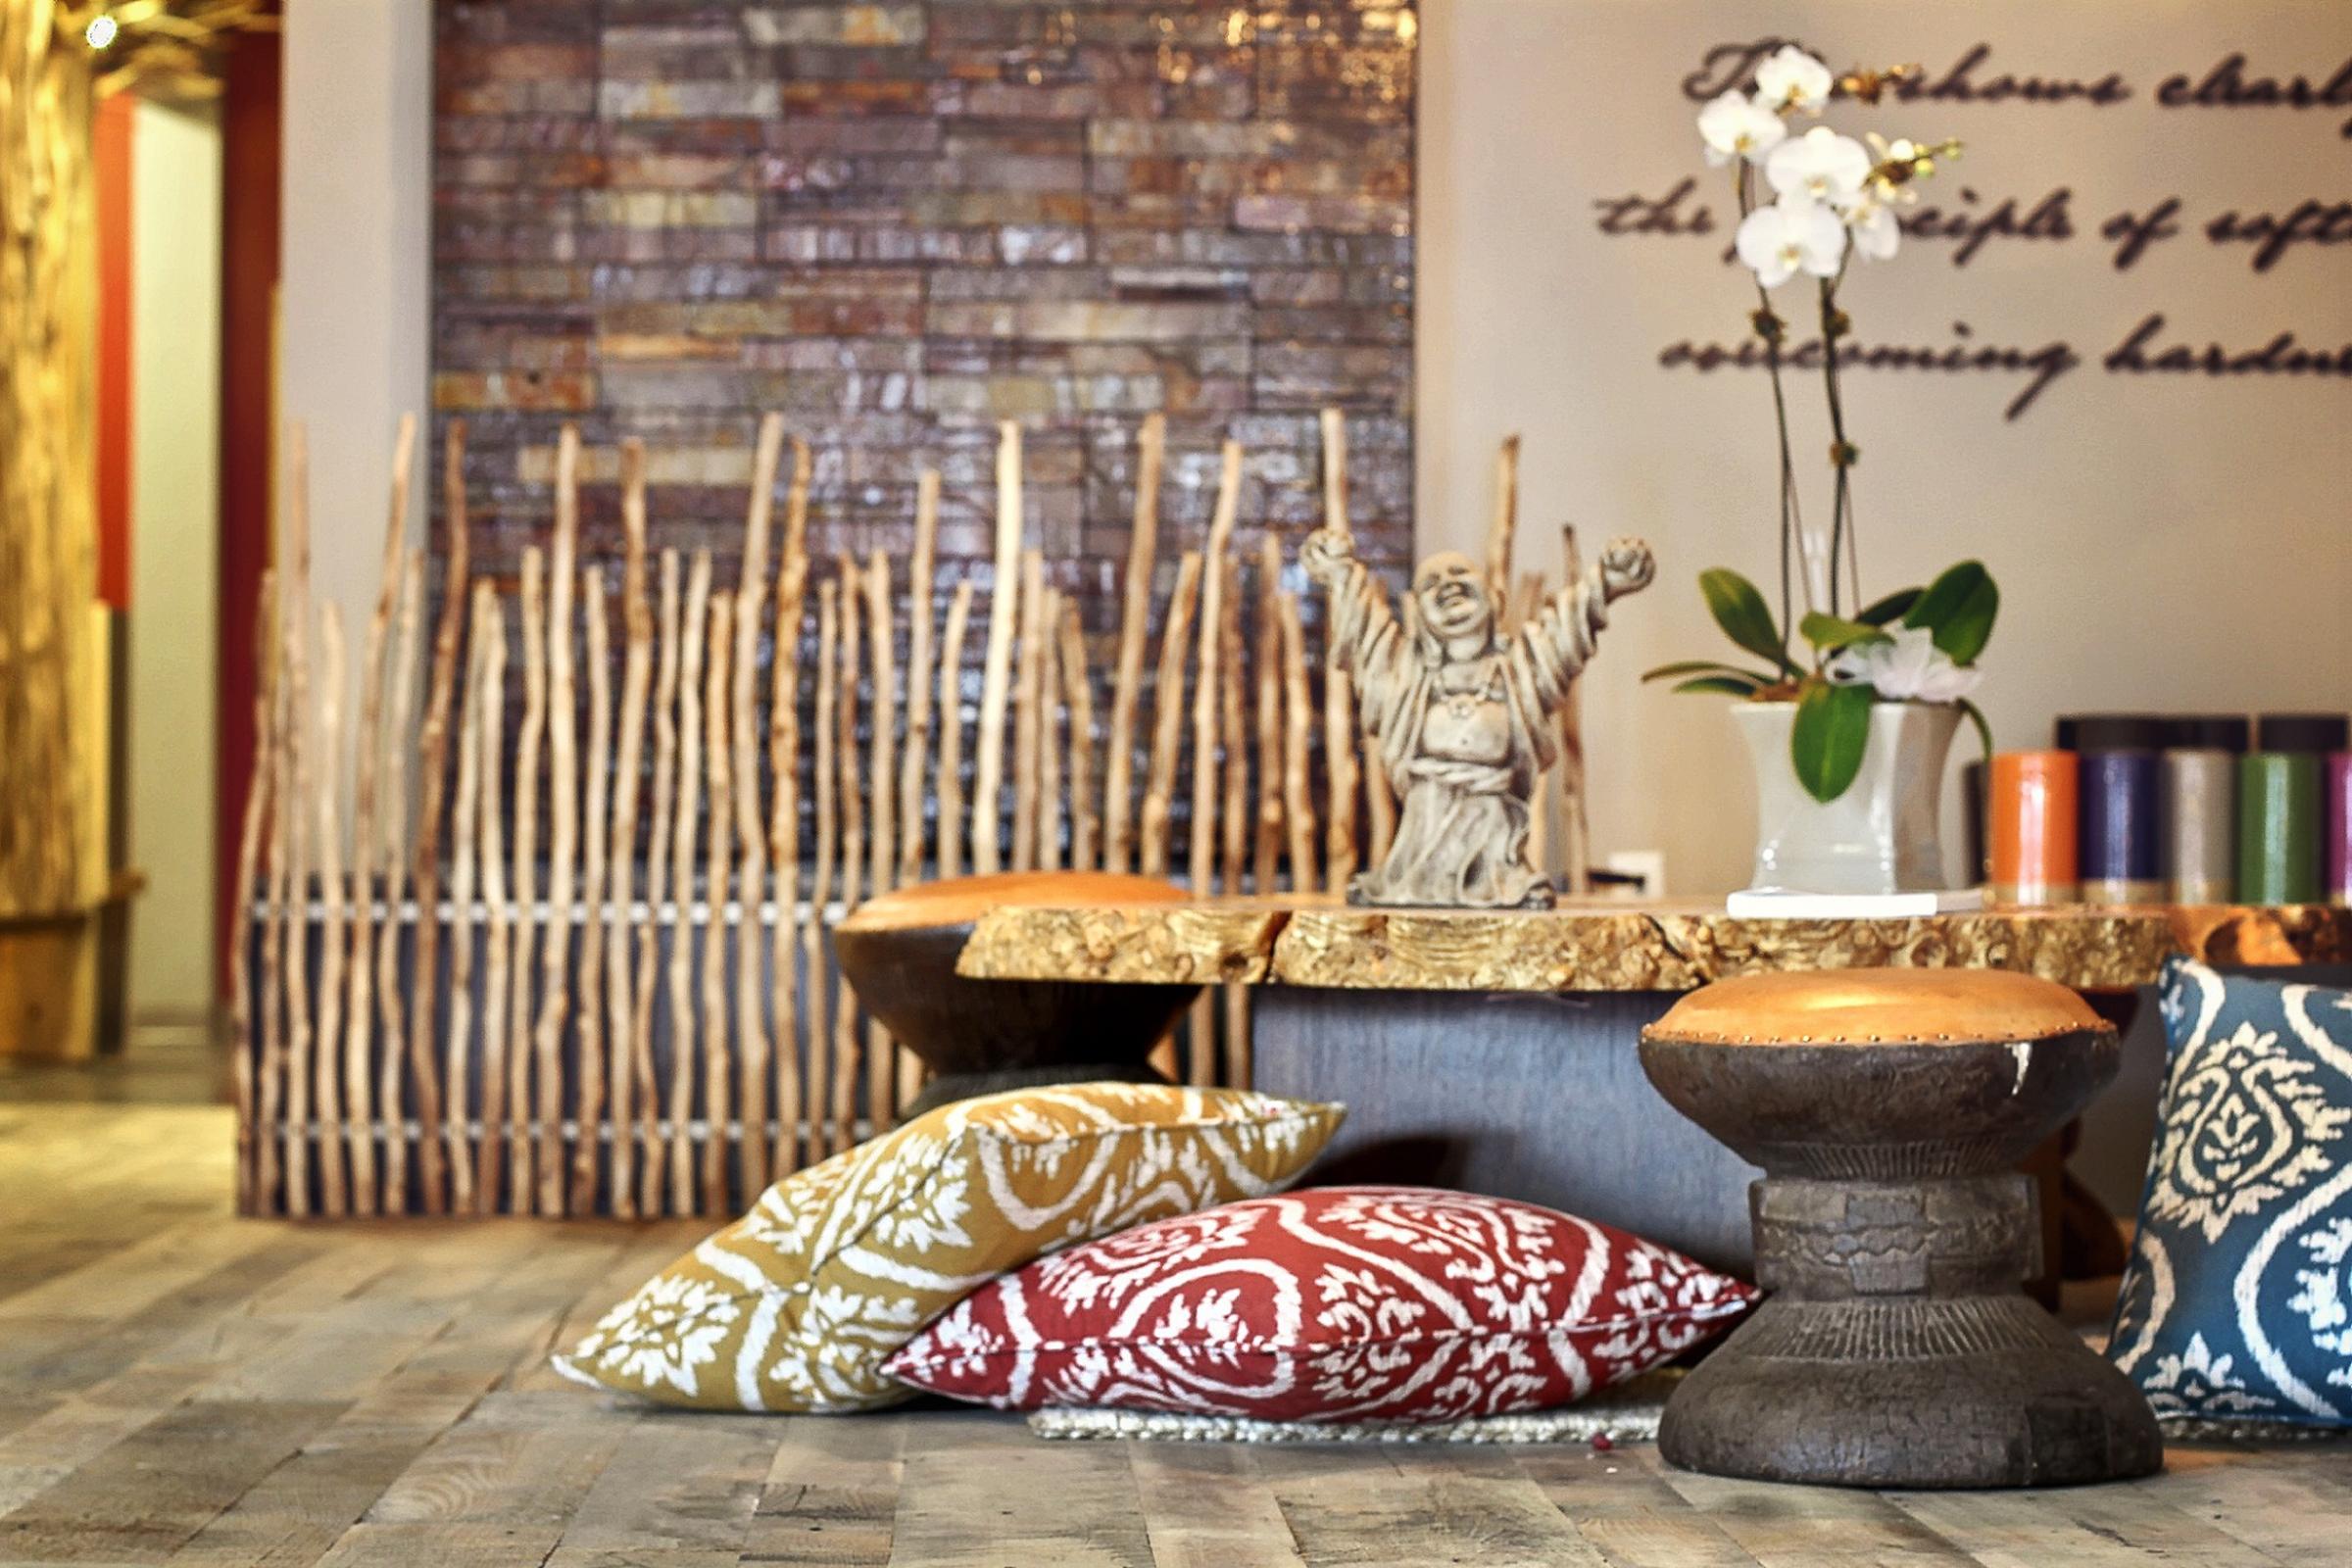 Como crear un santuario y espacio sagrado para el hogar - Meditar en casa ...